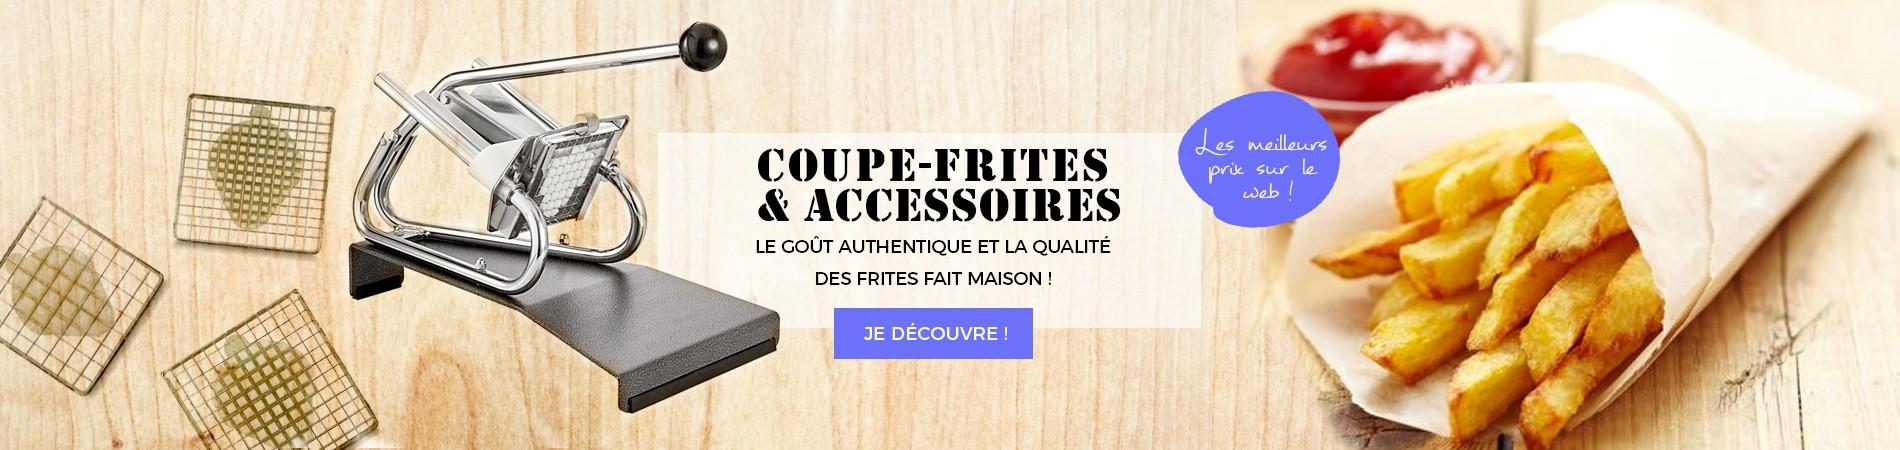 Coupe-Frites & accessoires